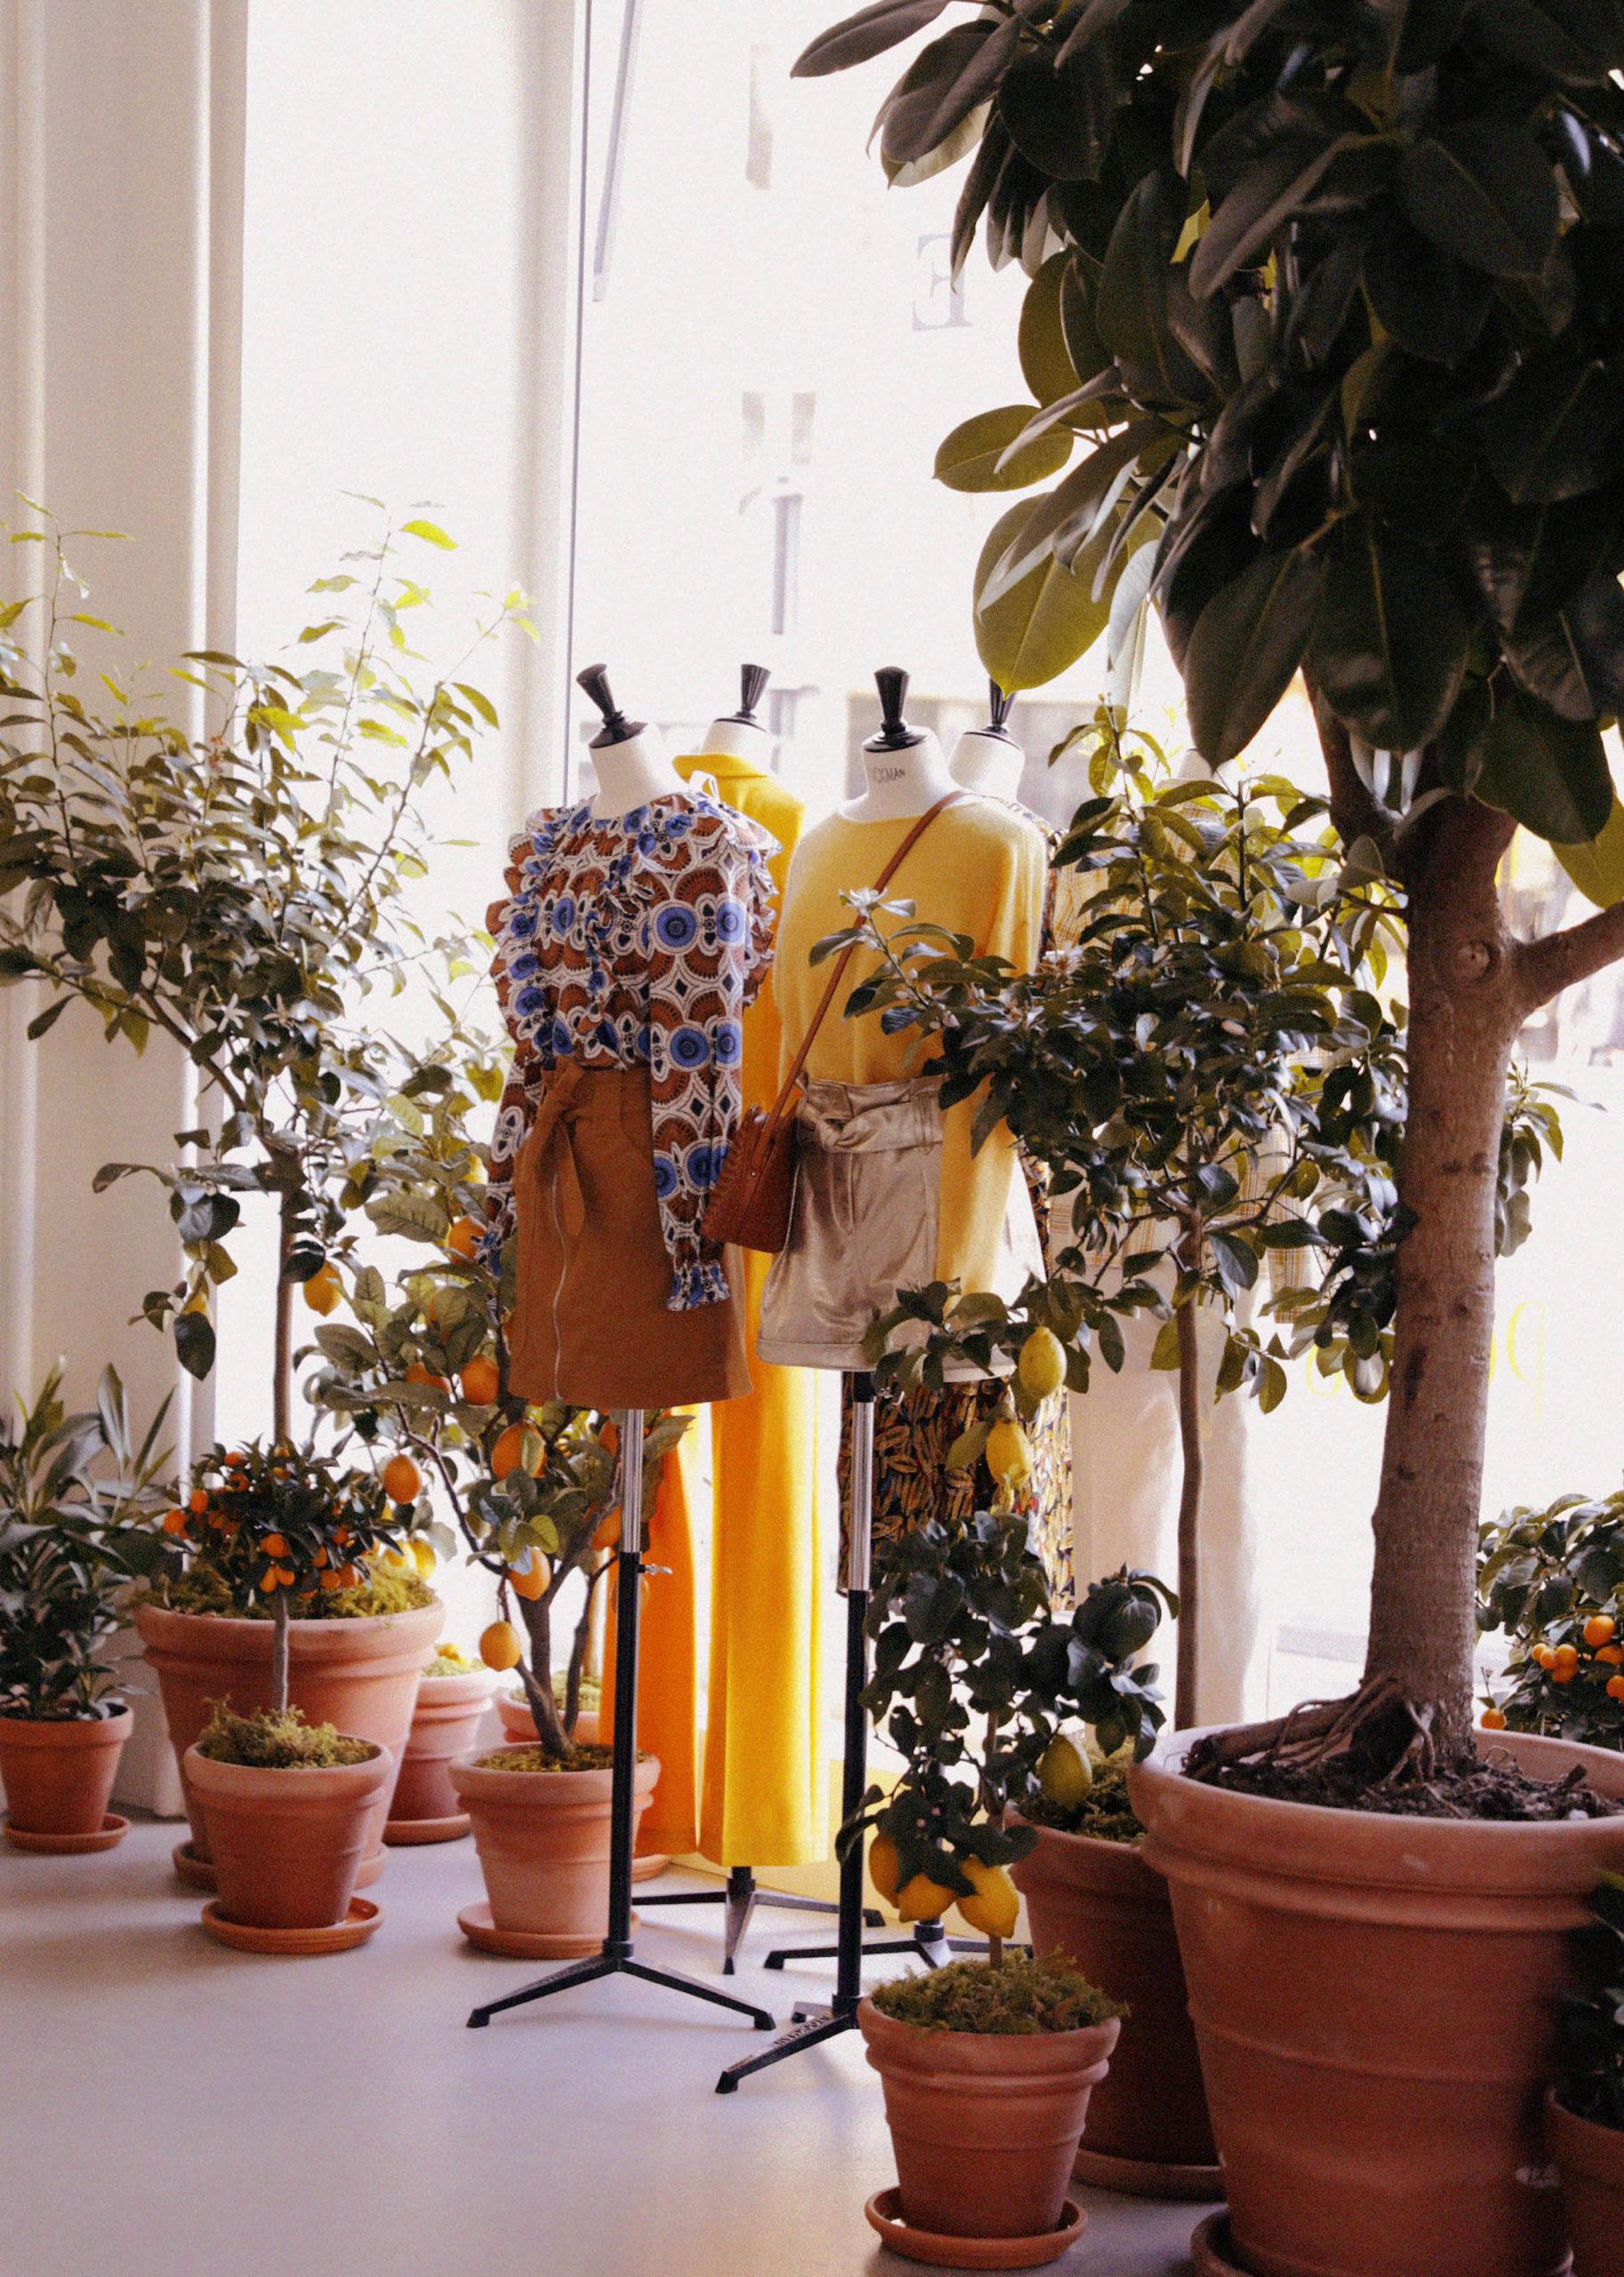 Reflets Fleurs - Scénographe floral - Fleuriste évènements Paris - Sezane